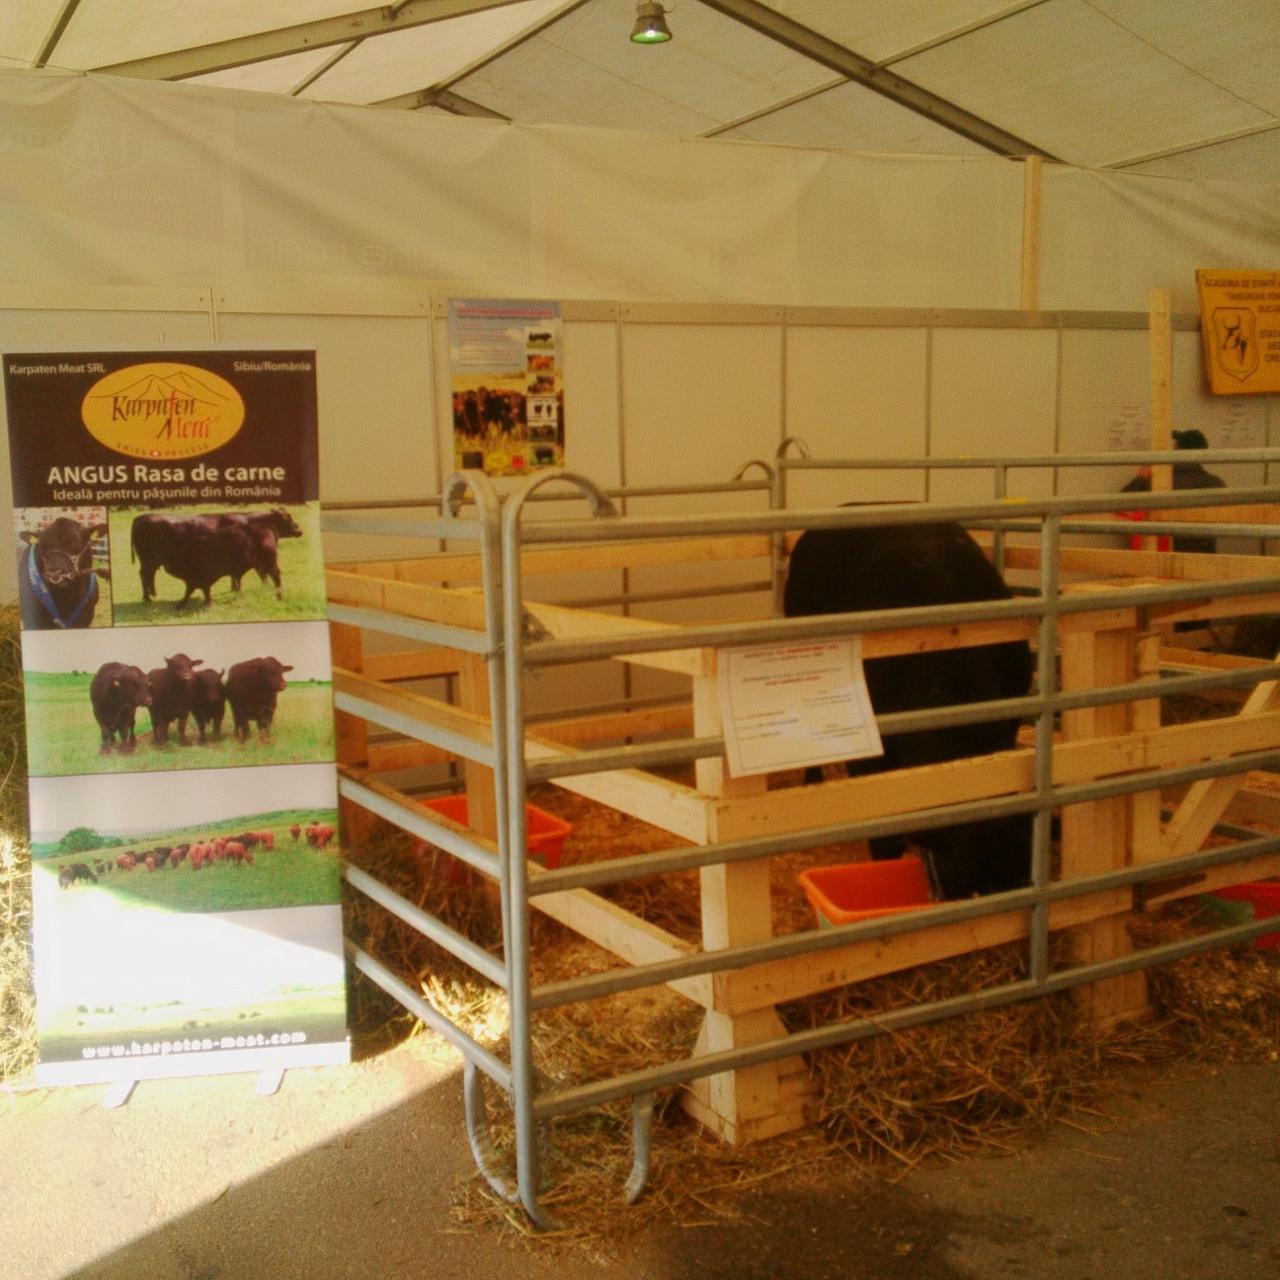 Karpaten Meat at Indagra expo